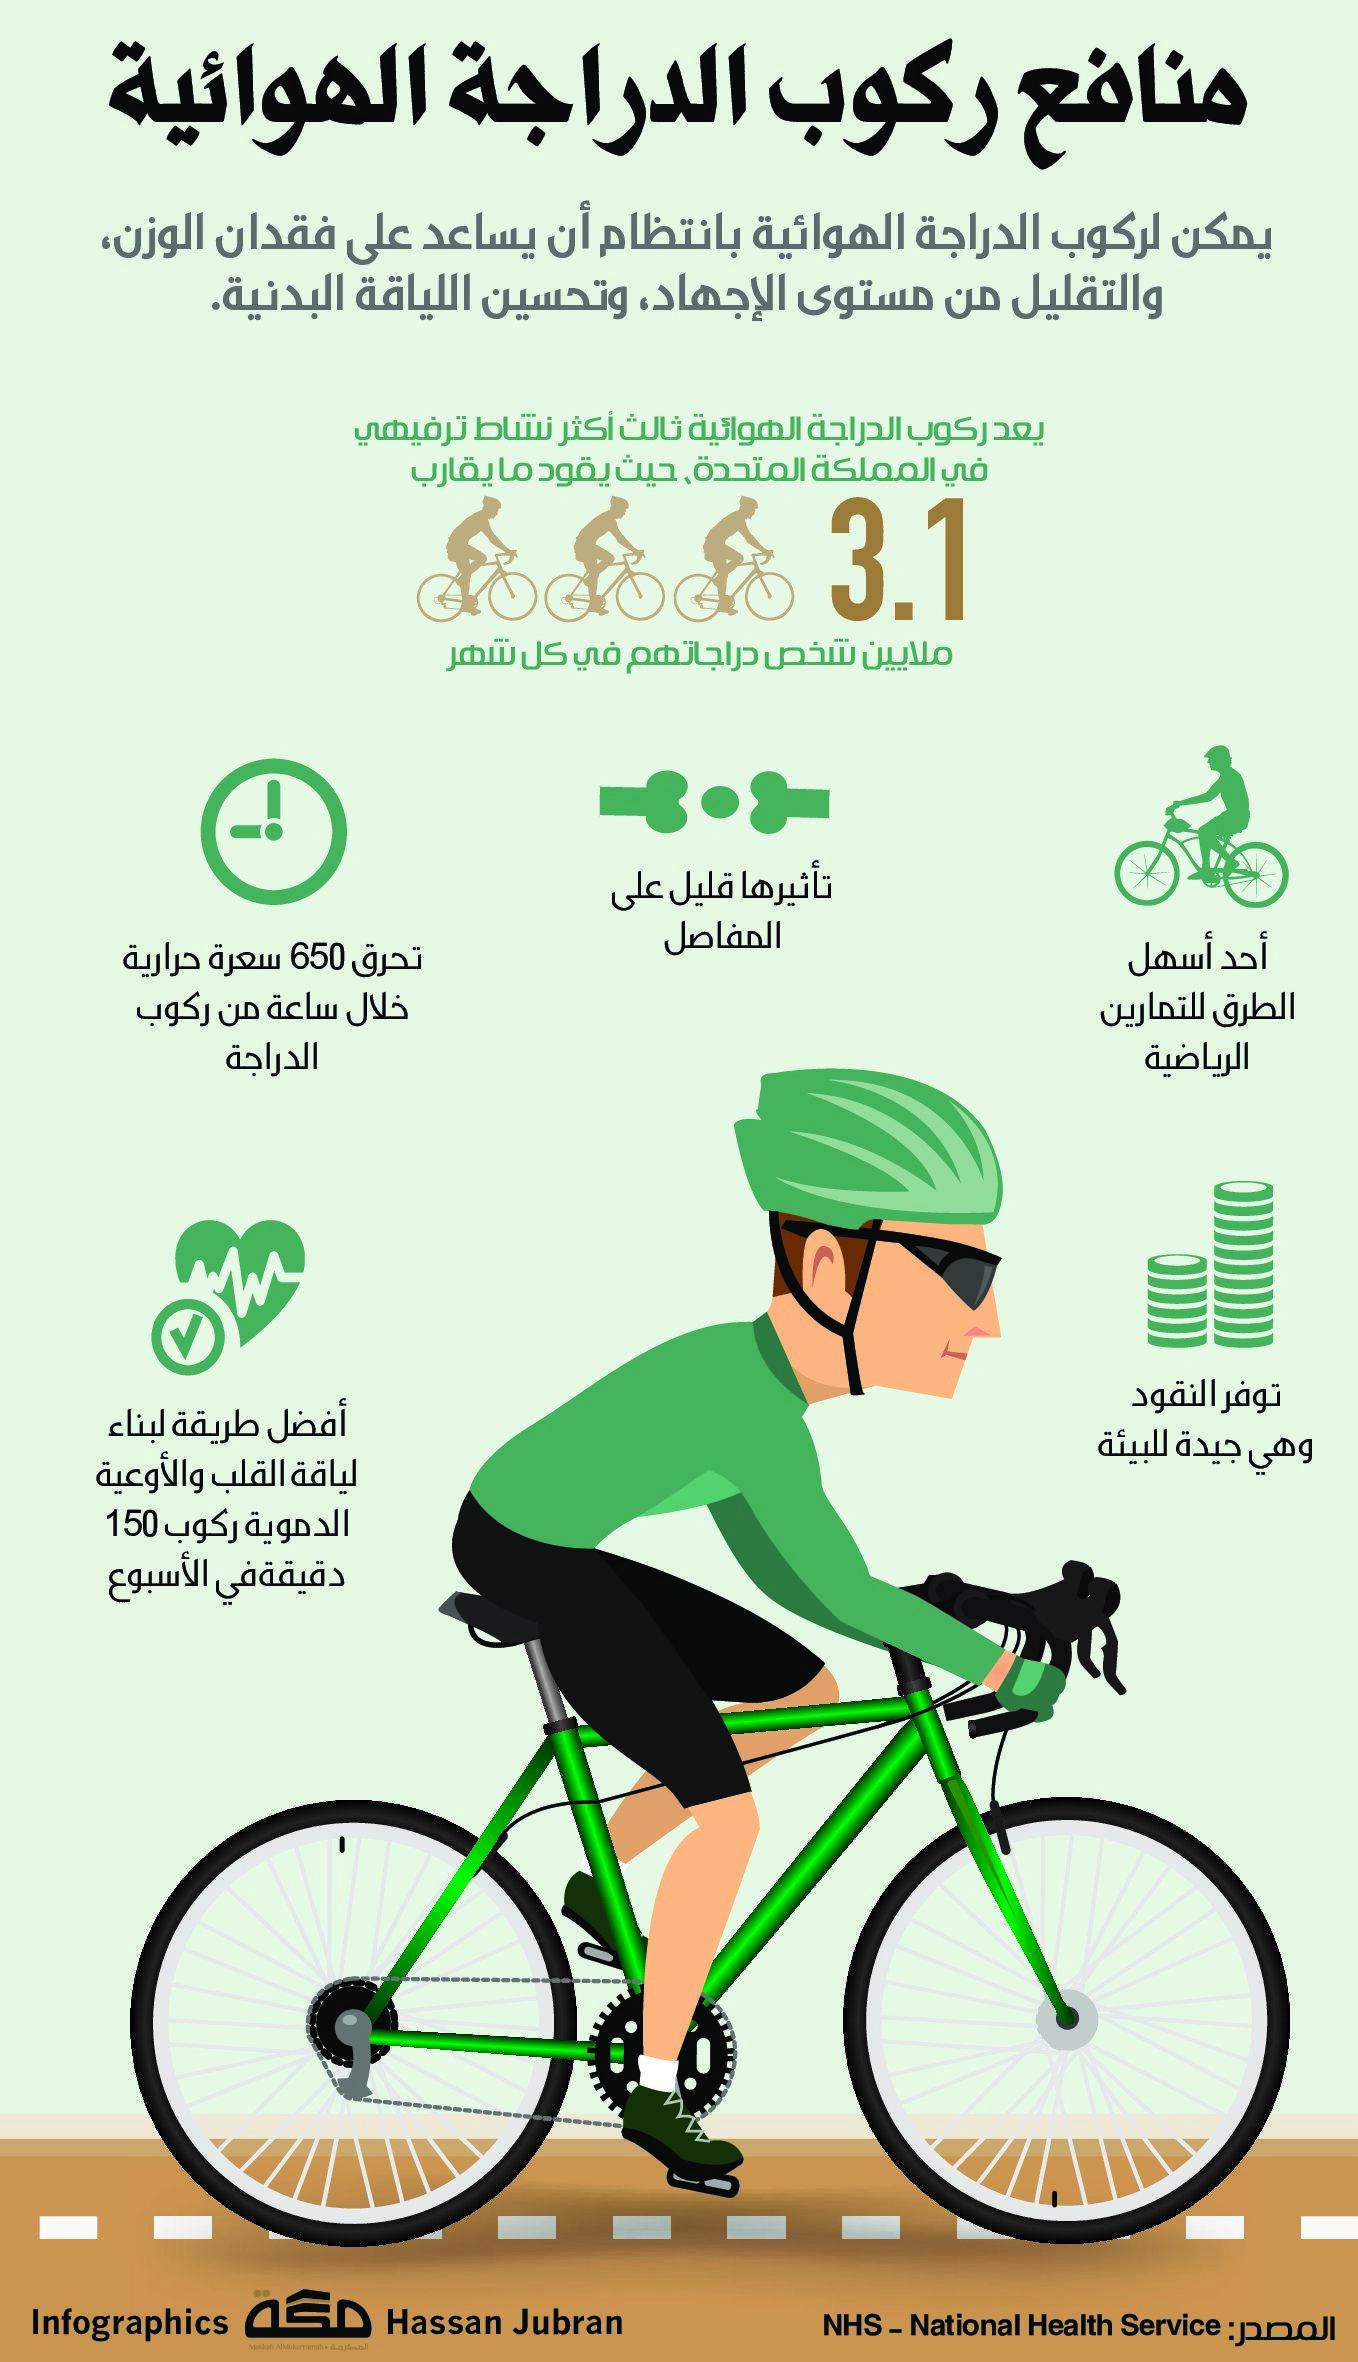 منافع ركوب الدراجة الهوائية صحيفةـمكة انفوجرافيك مجتمع Sports Physical Therapy Chores For Kids Positive Notes